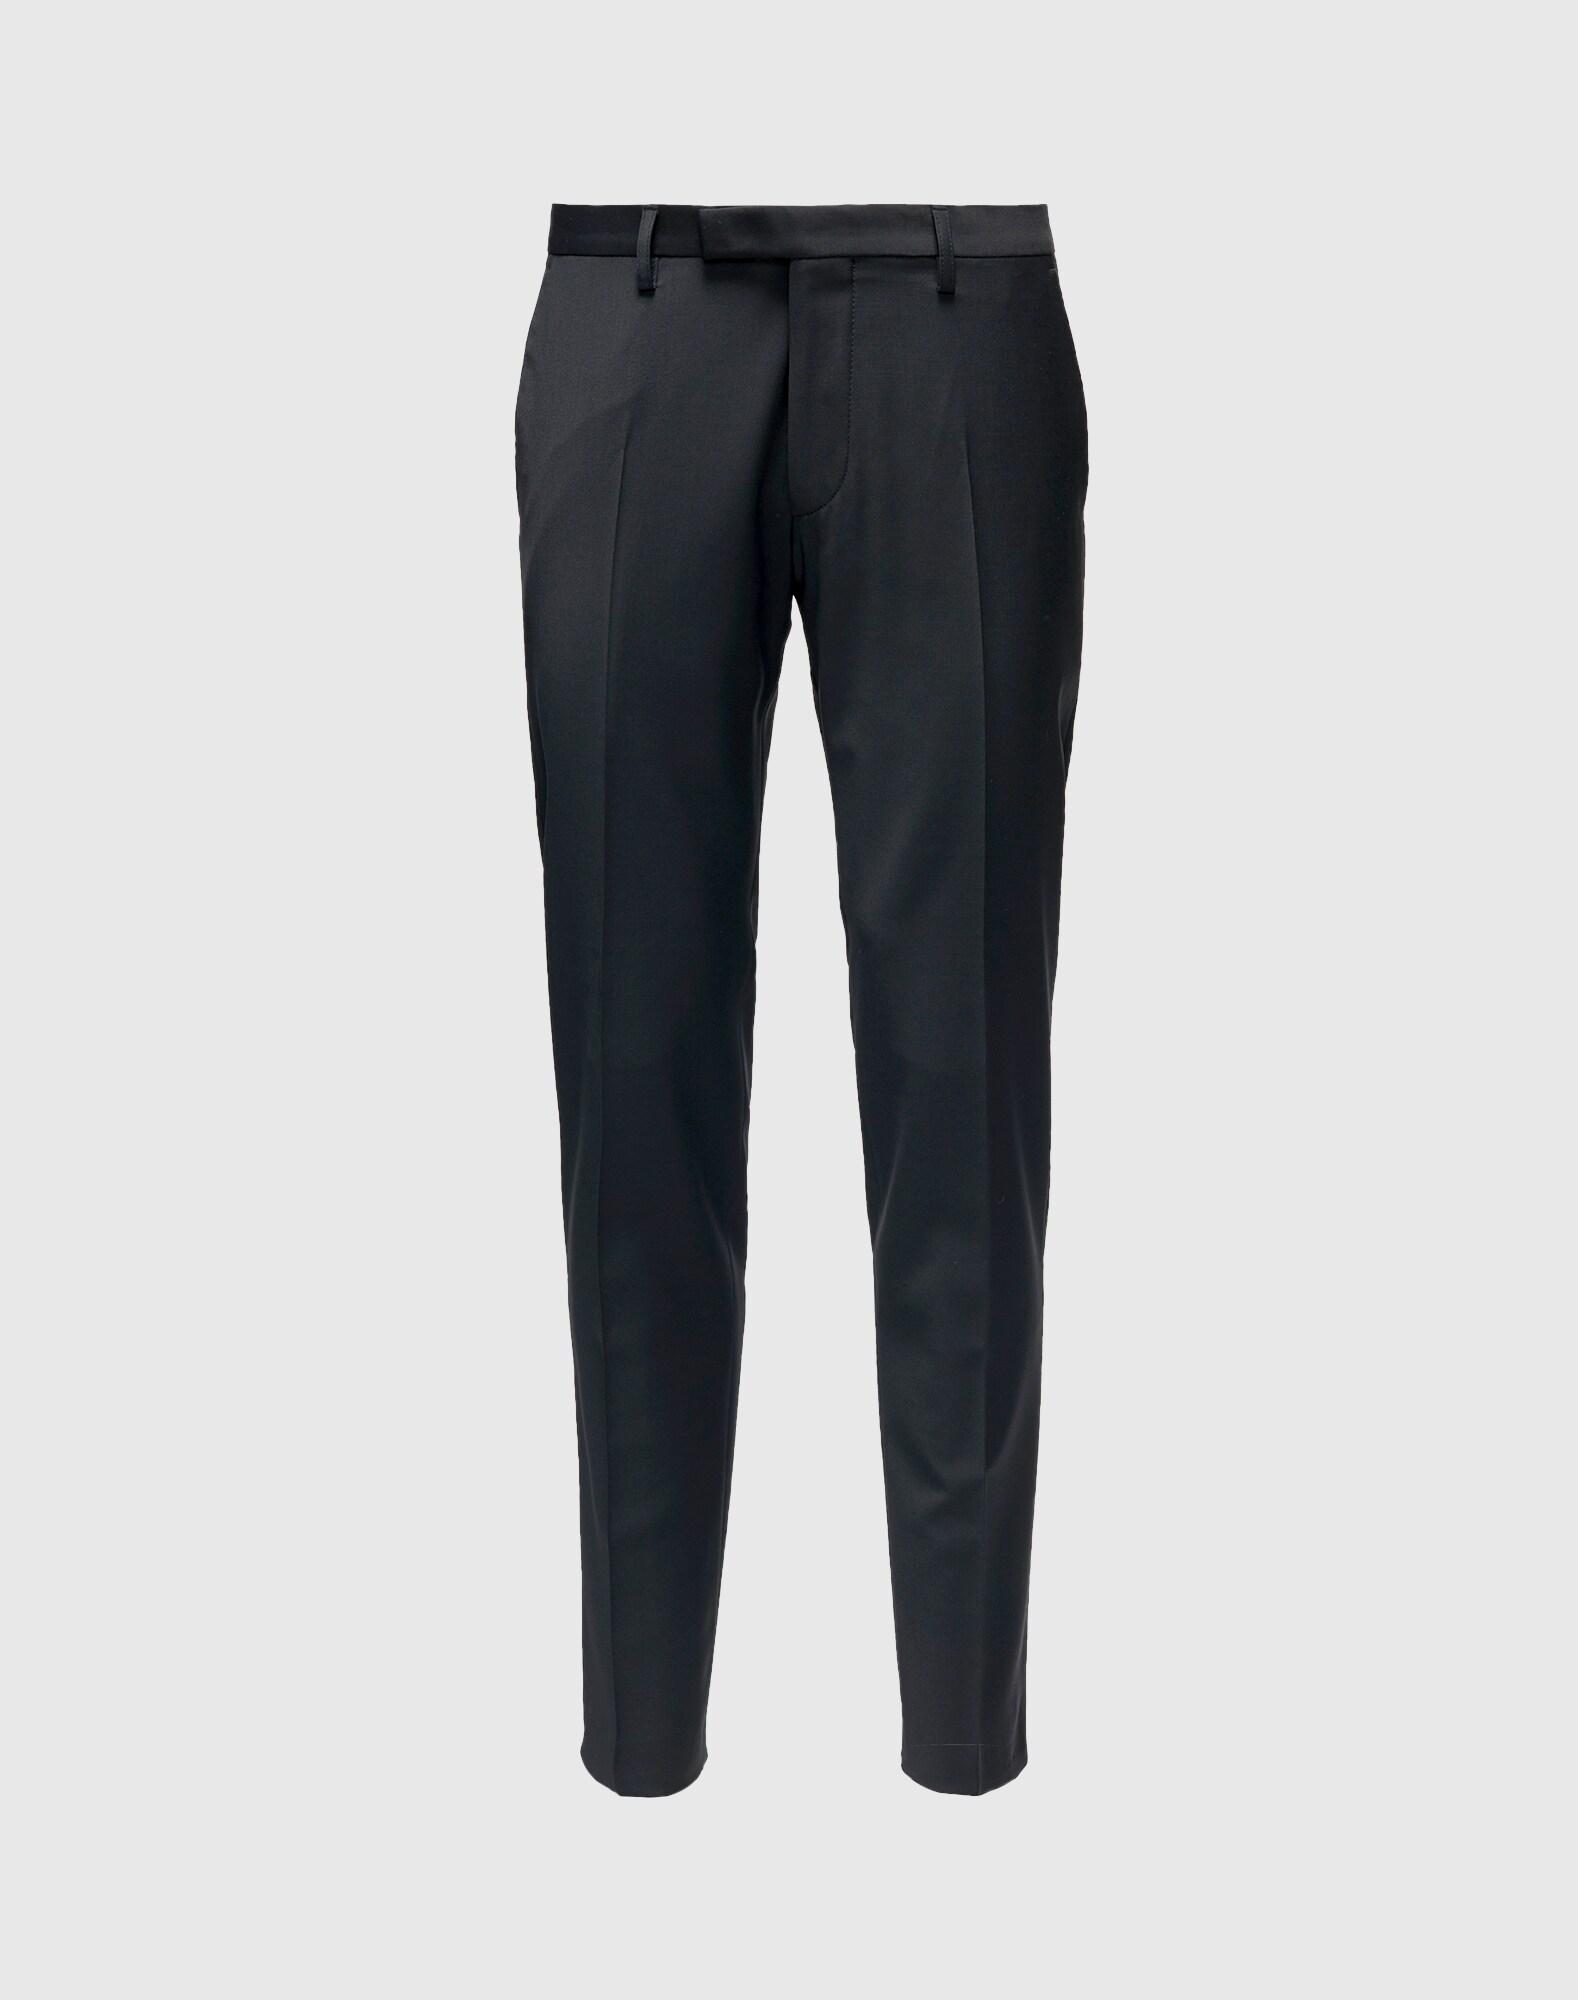 CINQUE, Heren Pantalon 'Cipanetti', zwart